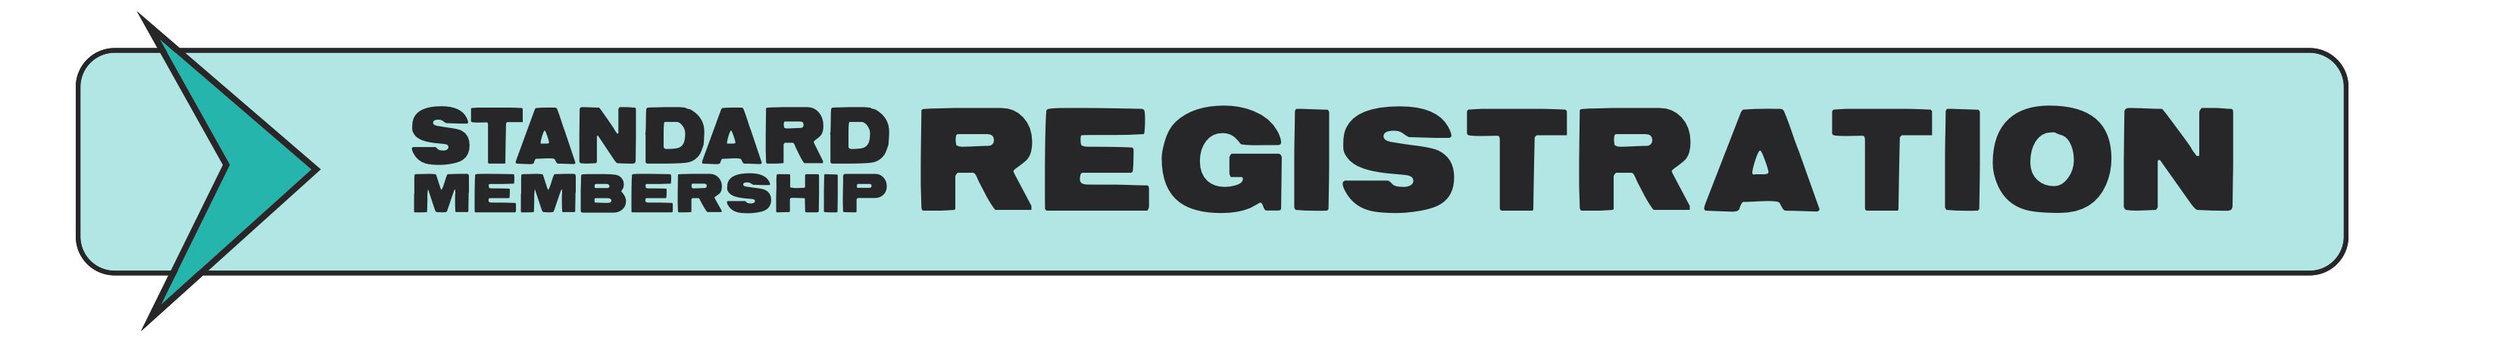 standard registration.jpg